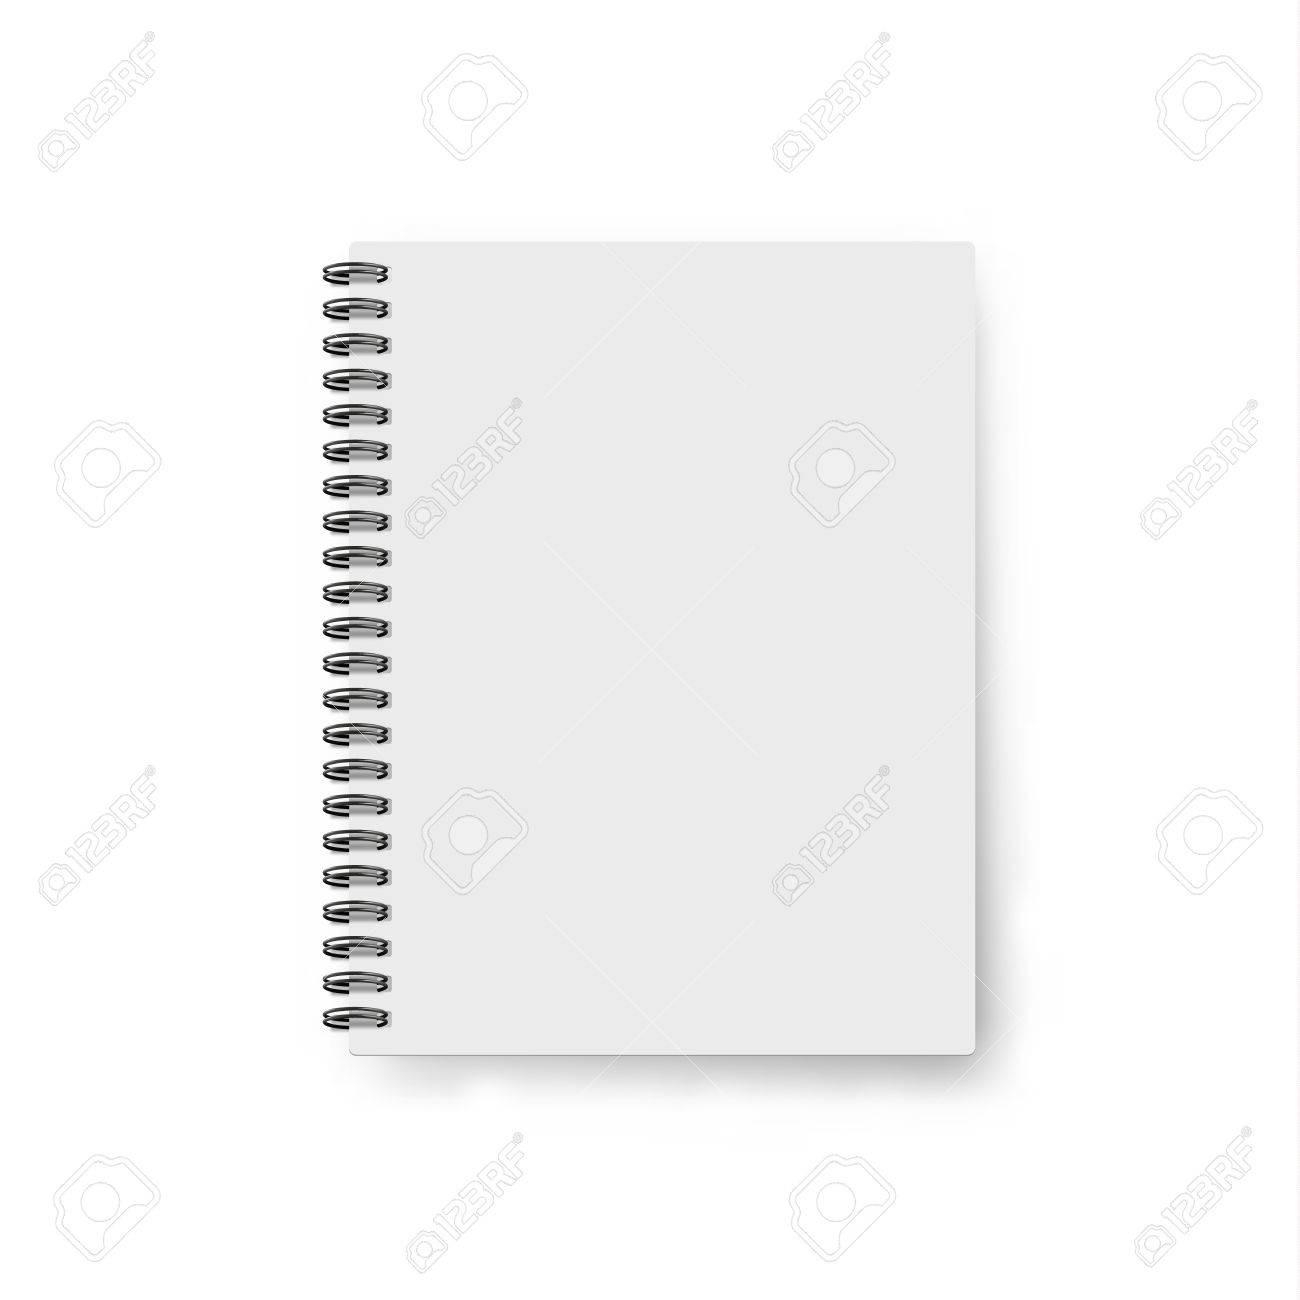 現実的なノートブック。テンプレ...